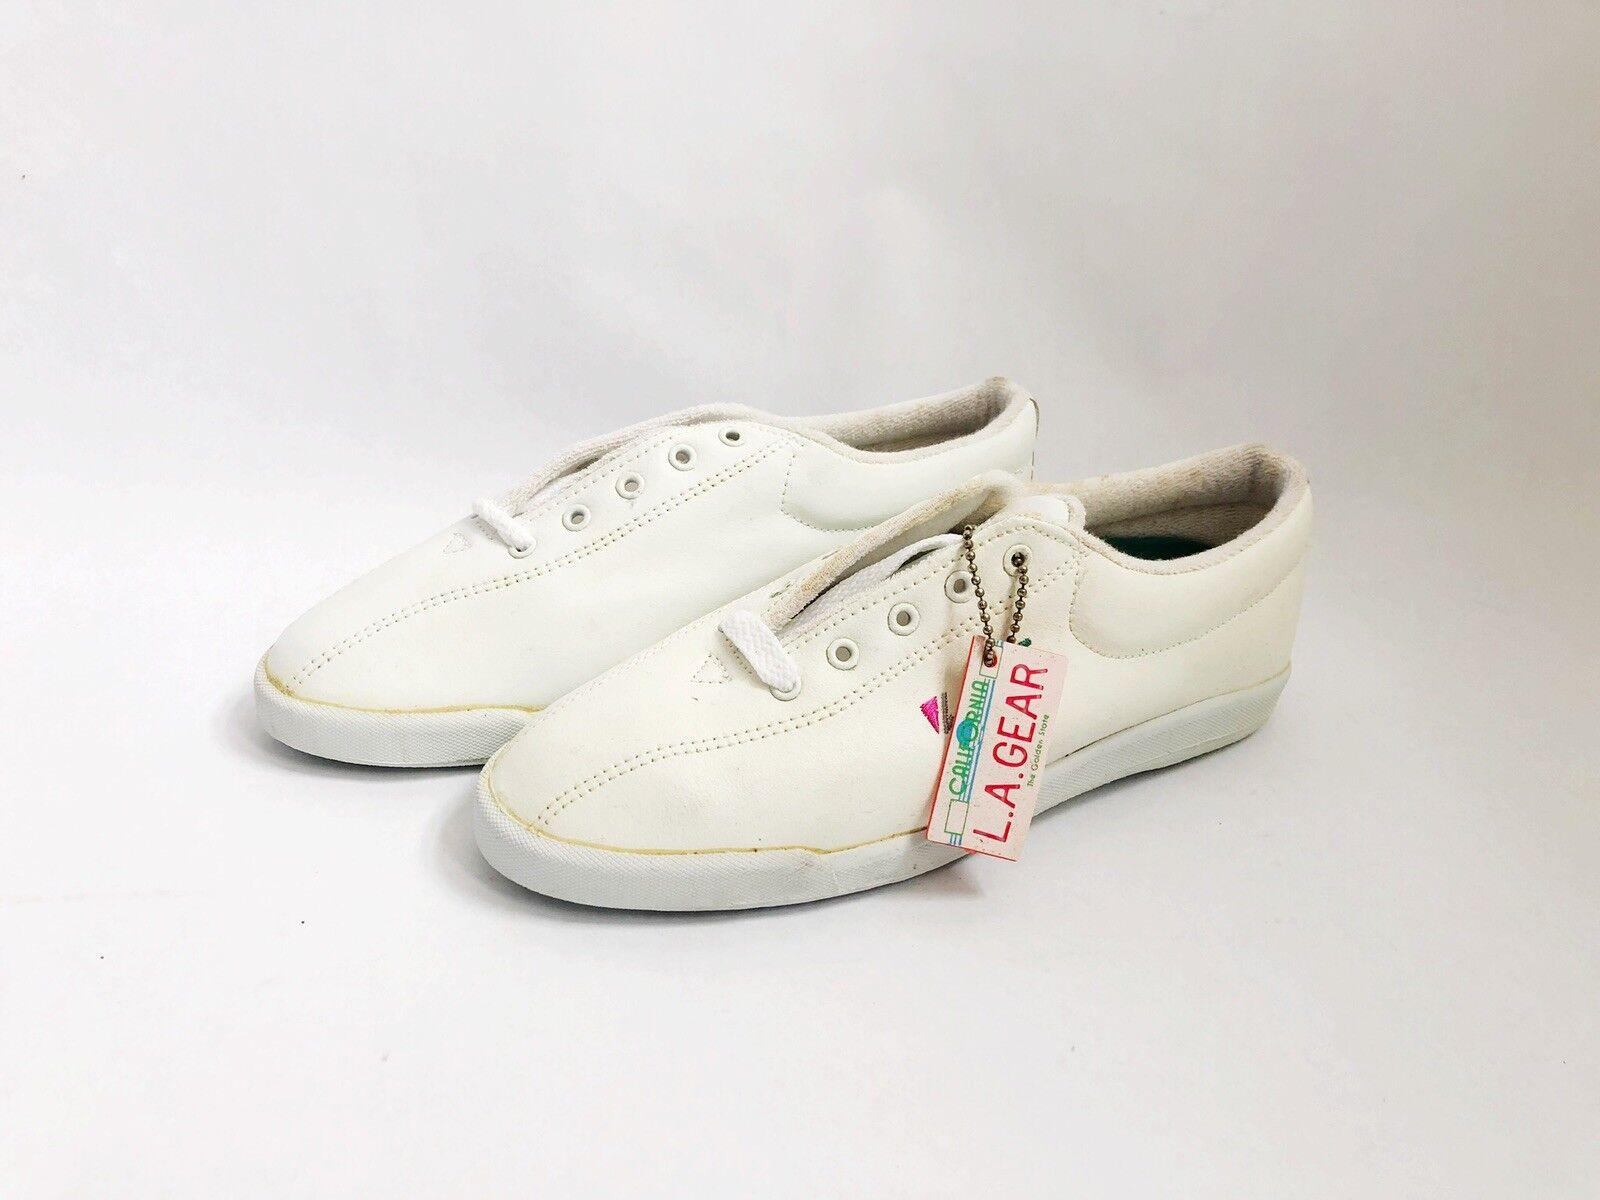 Vintage LA Gear Workout Walker Sneakers shoes Womens Size Size Size 7 Deadstock NIB 1991 b16e0e